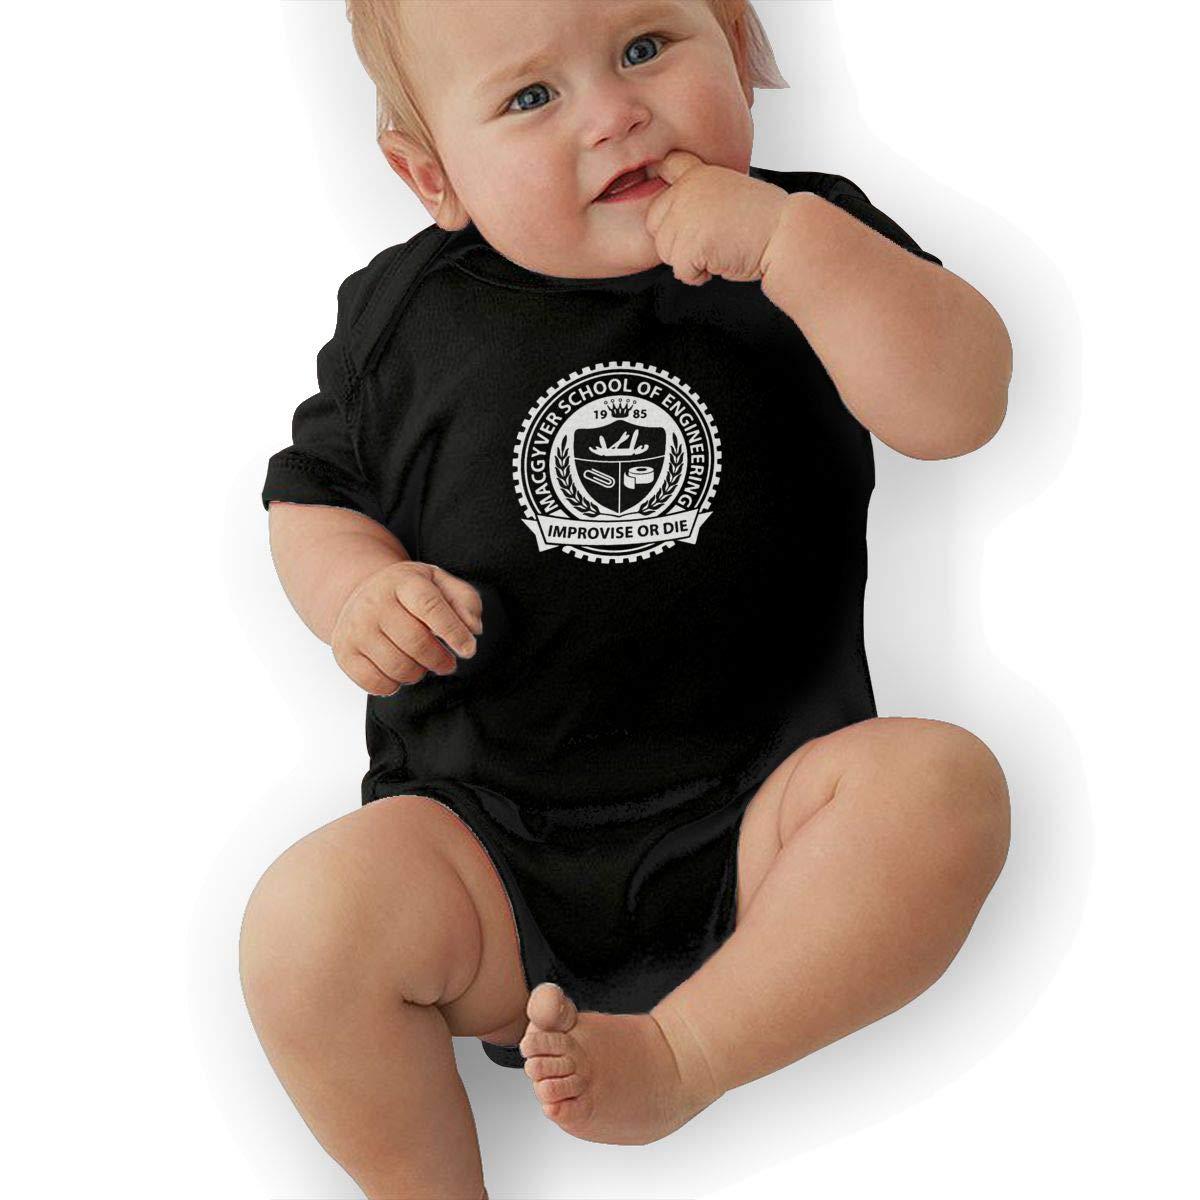 Clarise Kids Baby Short Sleeve Romper Macgyver School of Engineering Improvise Or Die Unisex Cotton Cute Jumpsuit